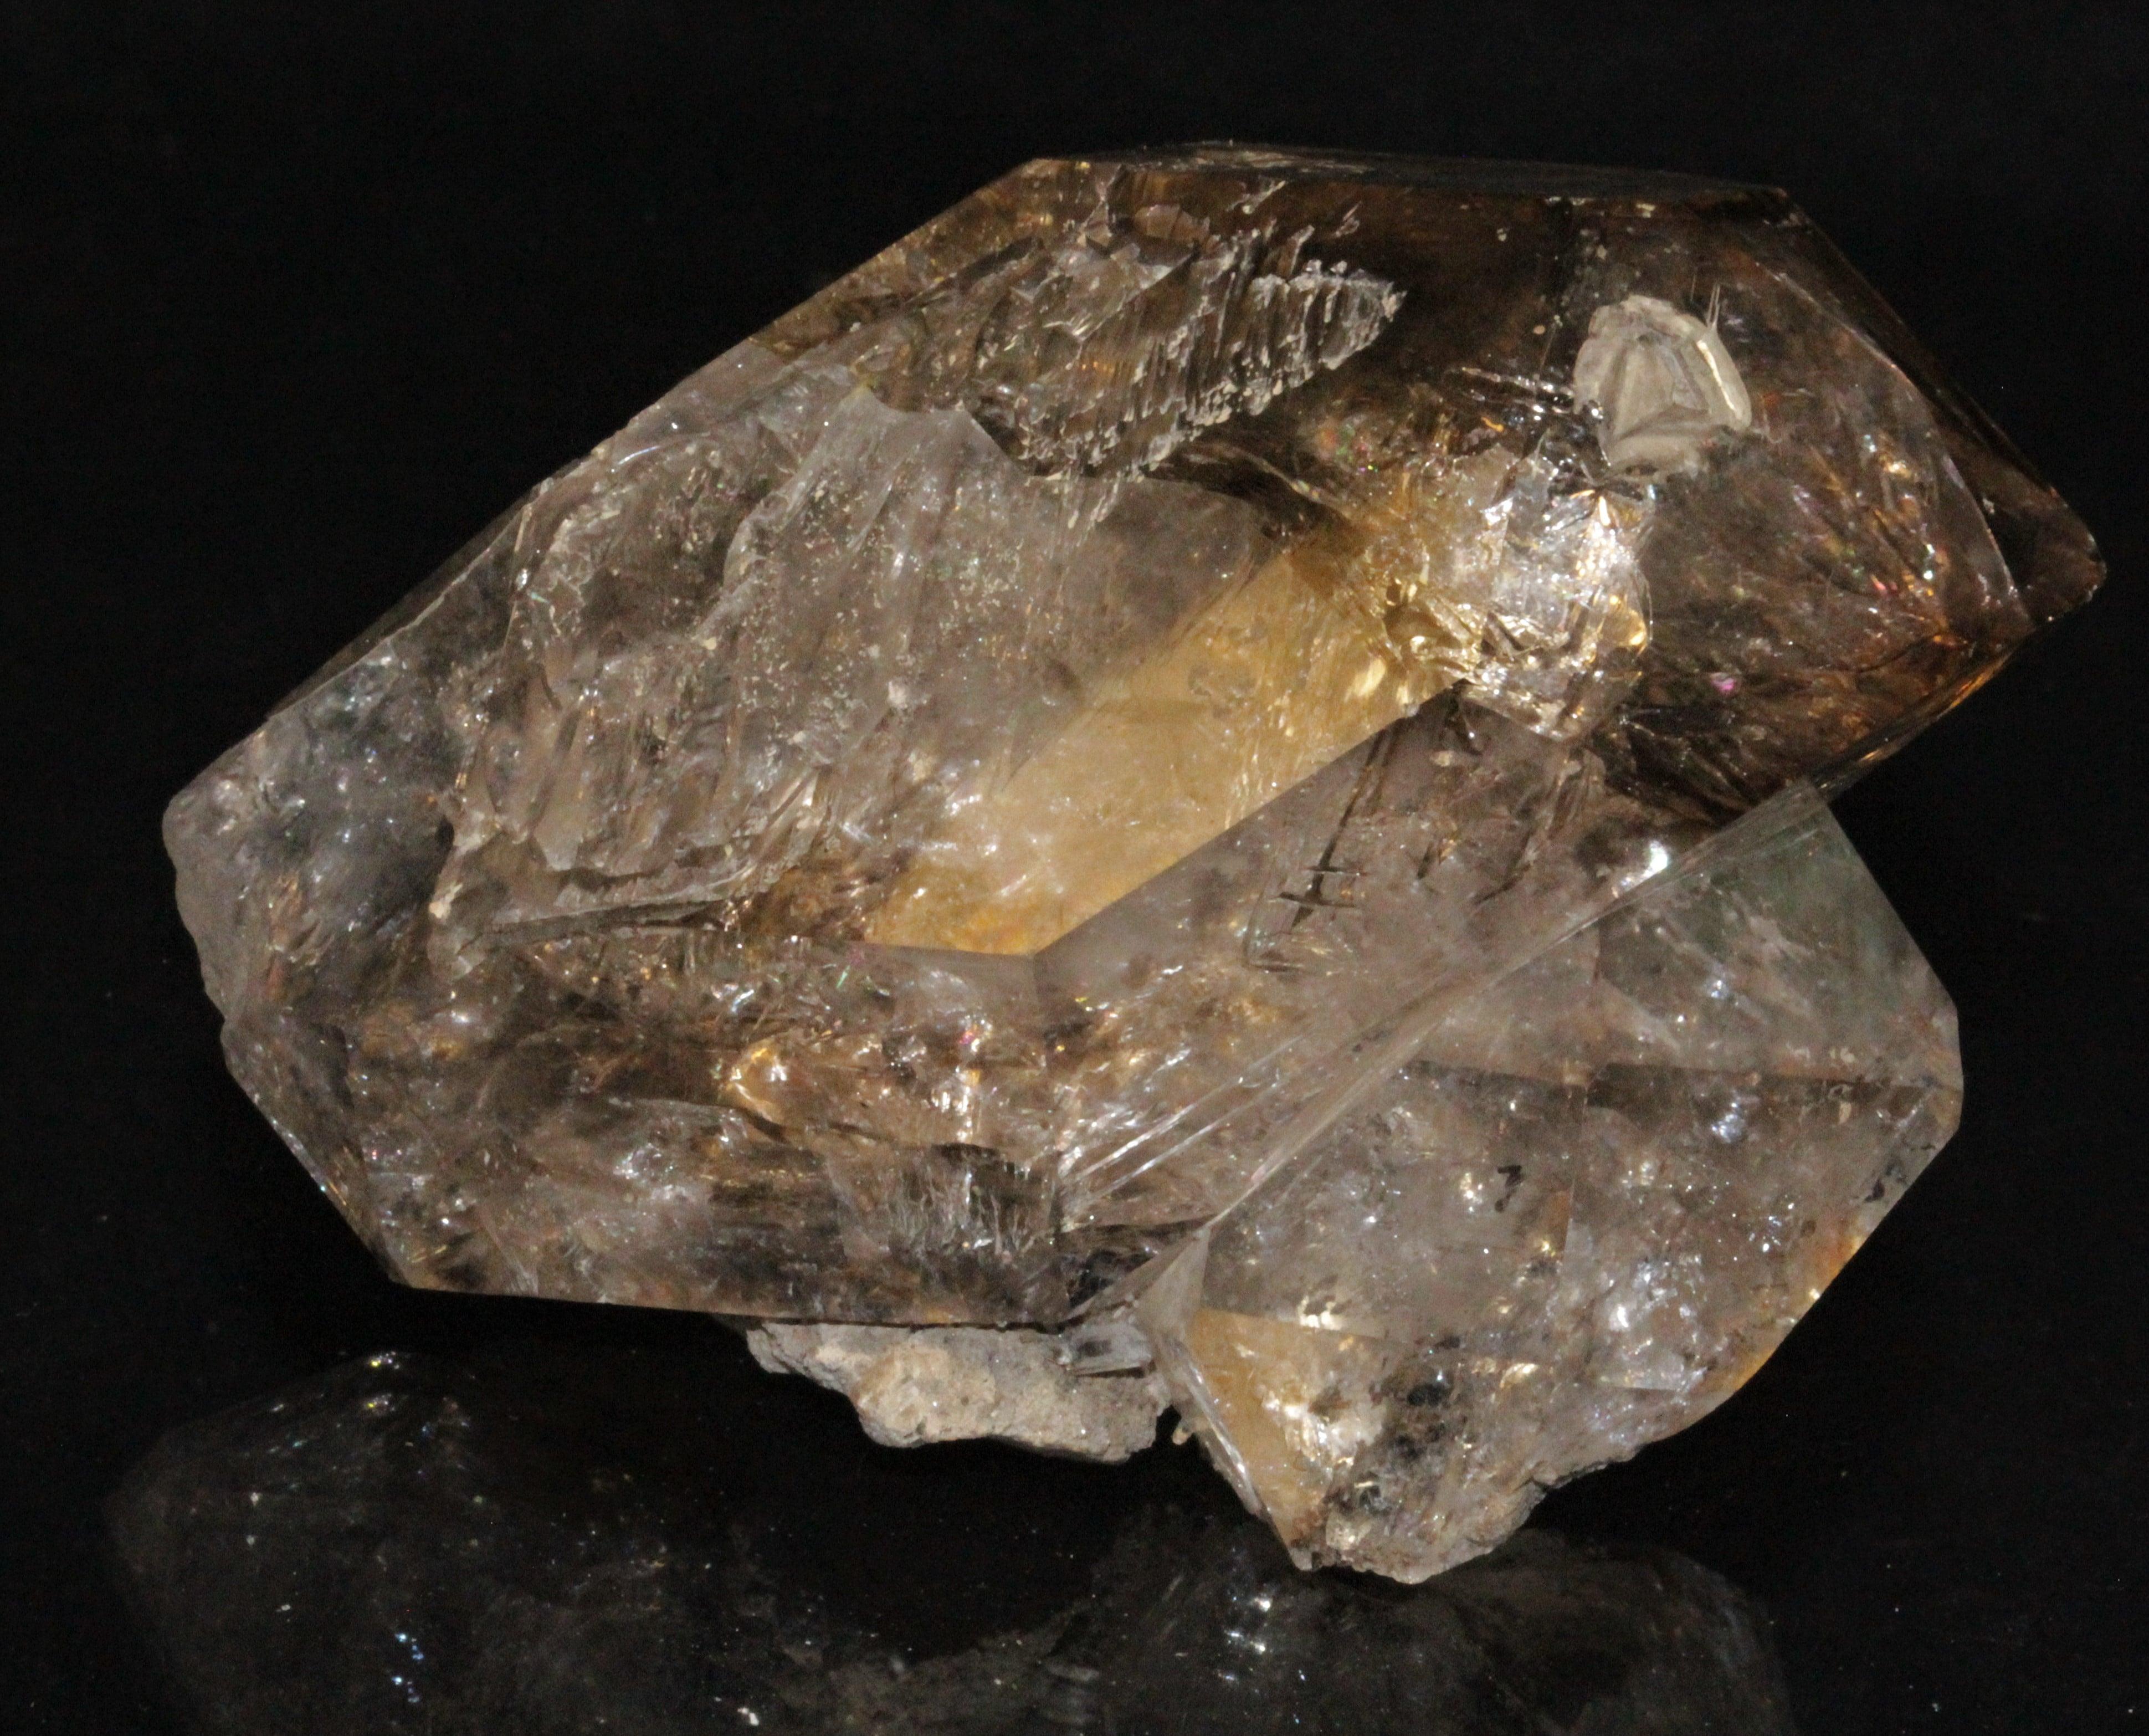 Cristal de quartz fumé, Herkimer, USA.